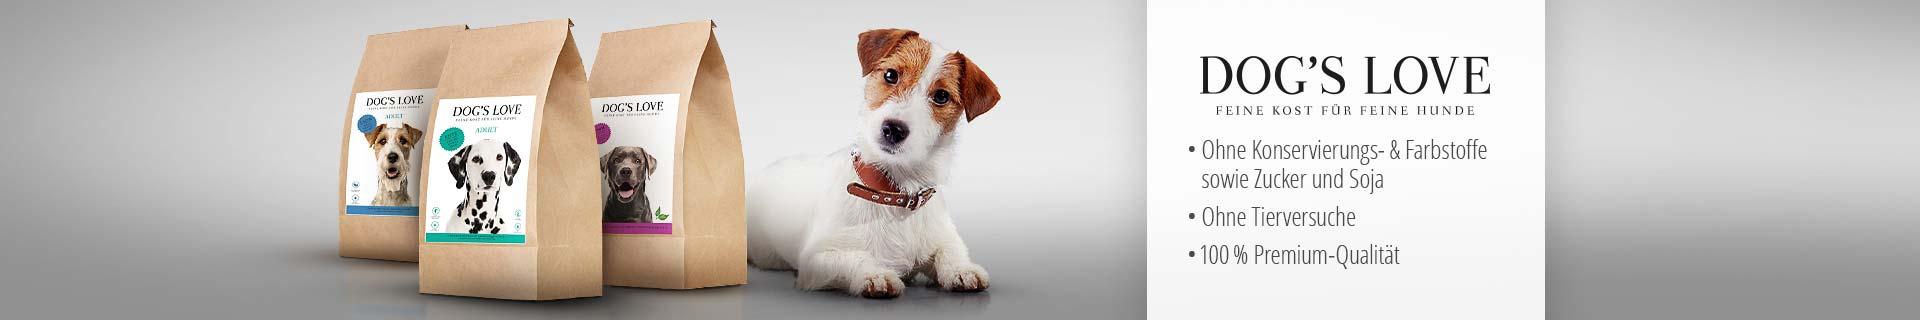 Dog's Love Trockenfutter